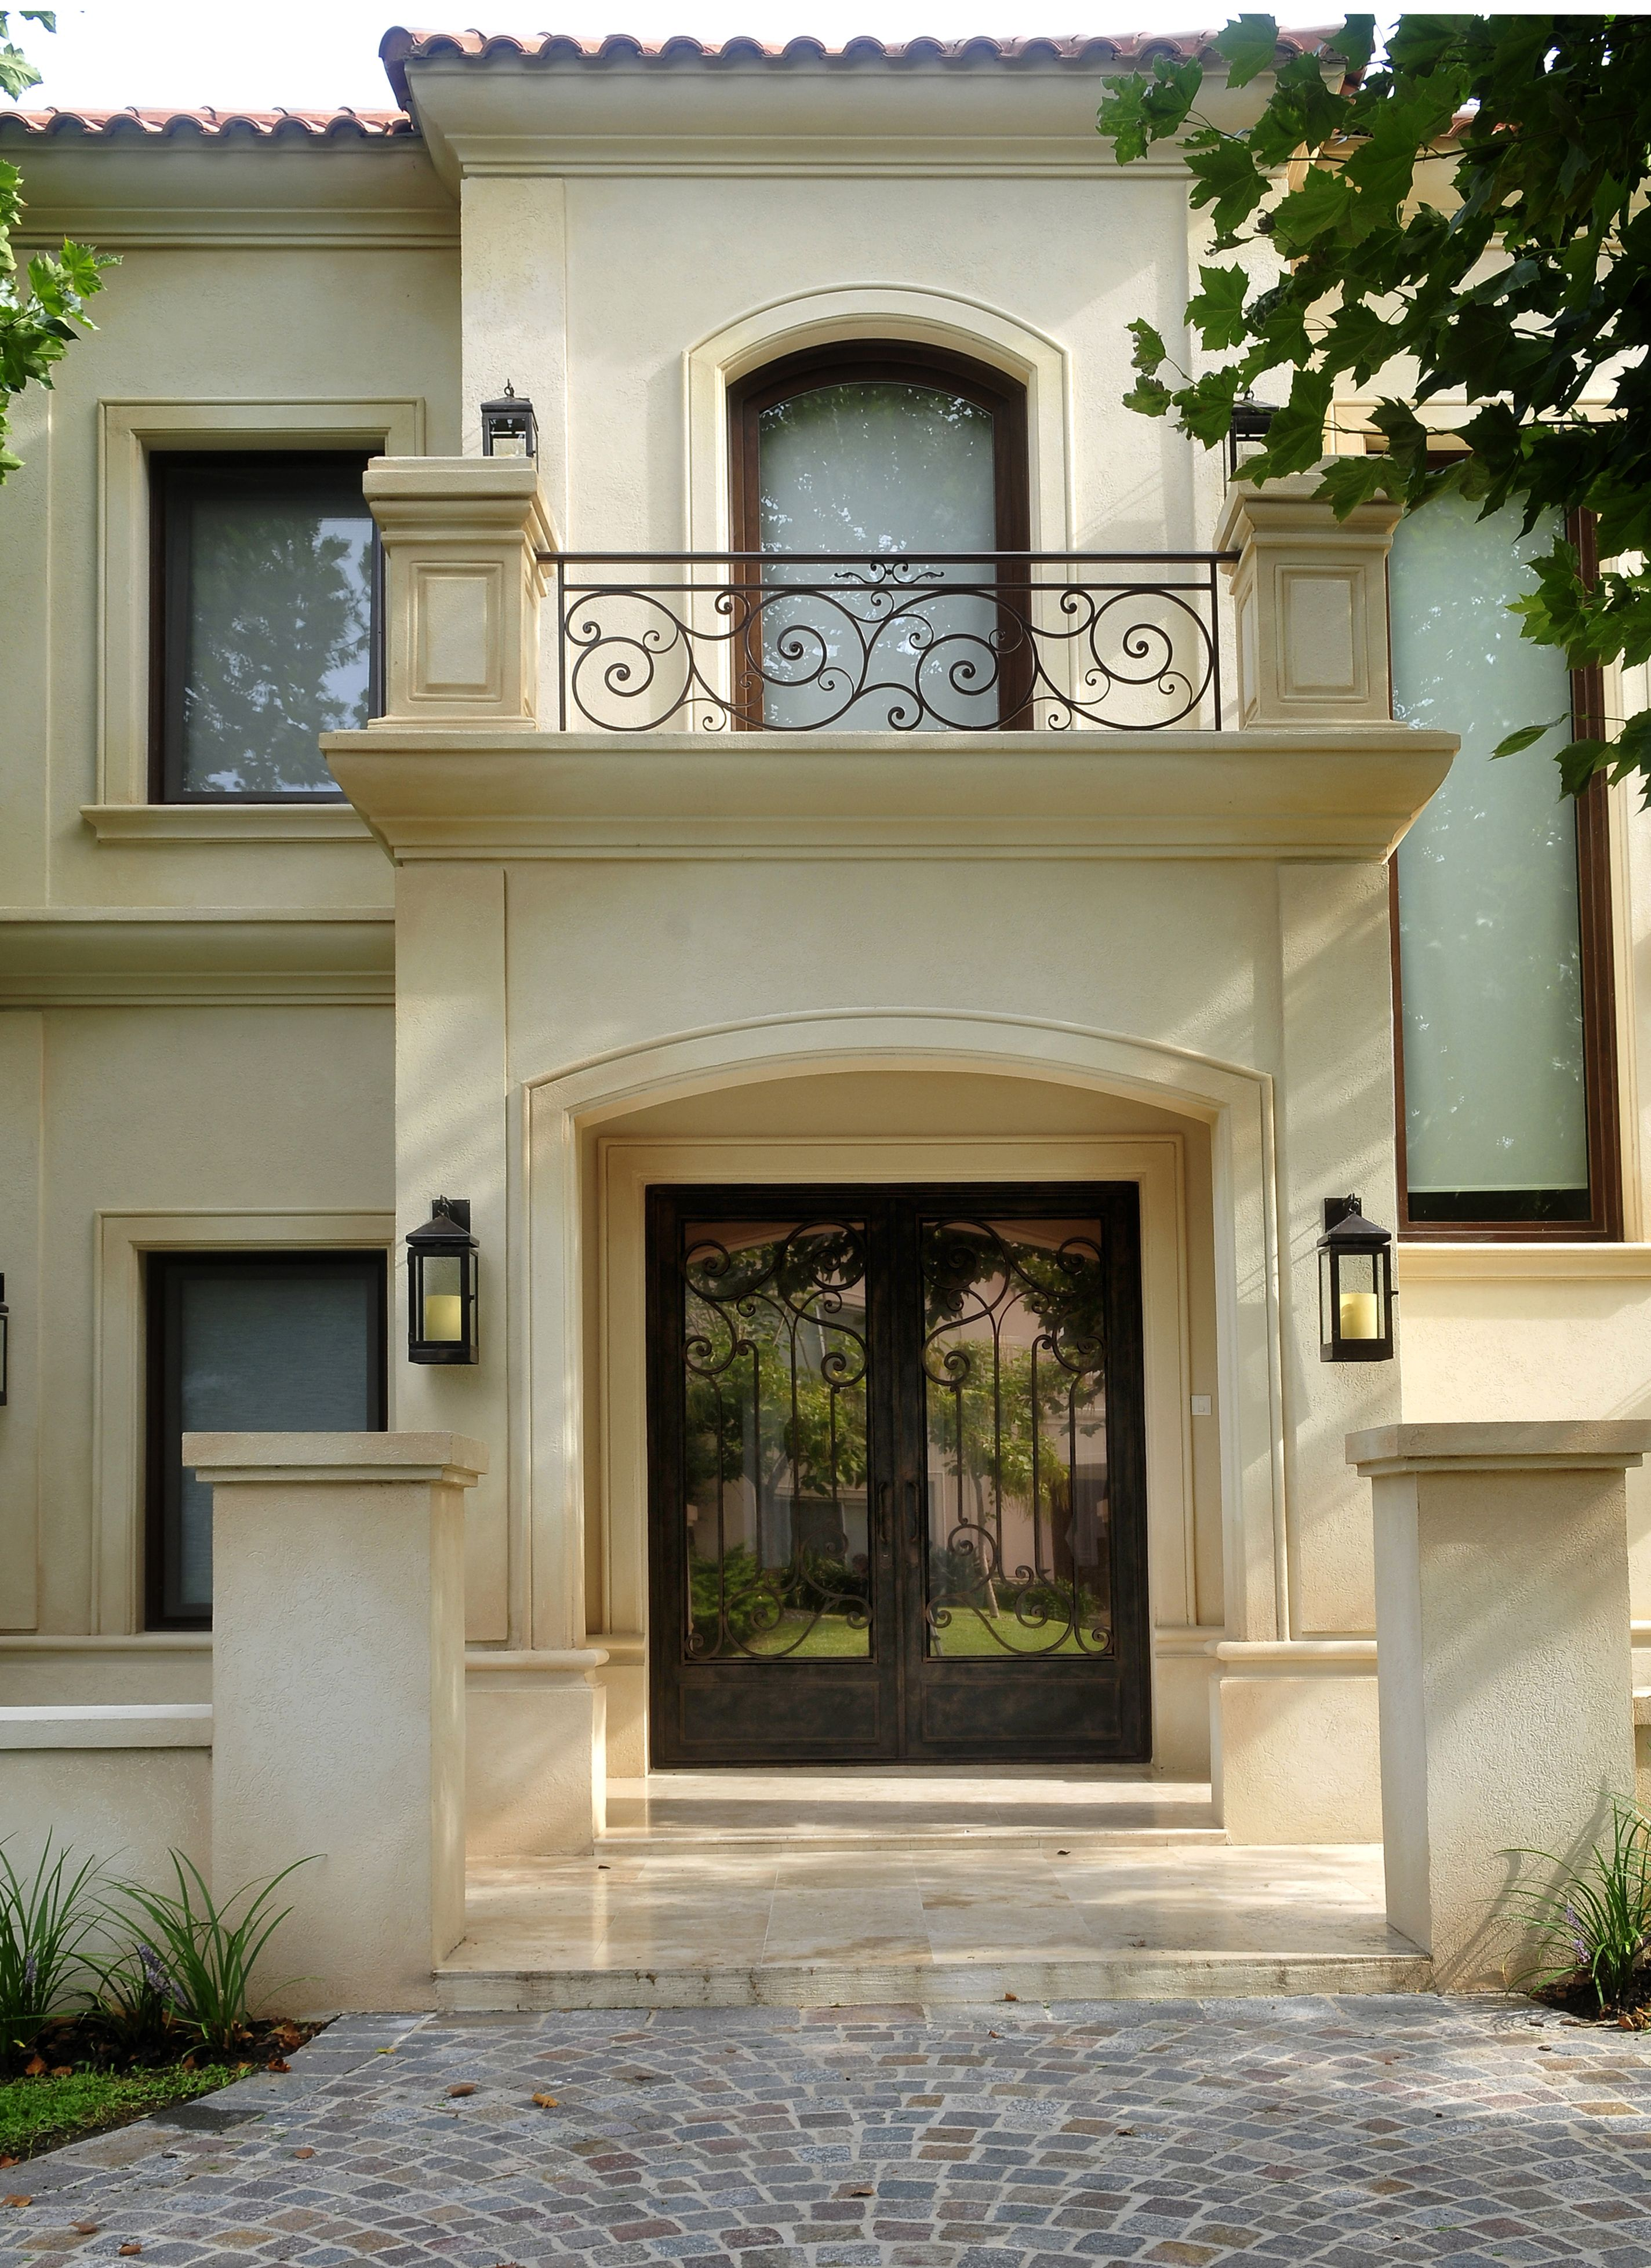 Obra fernandez borda arquitectura puerta de hierro - Puertas de casa ...